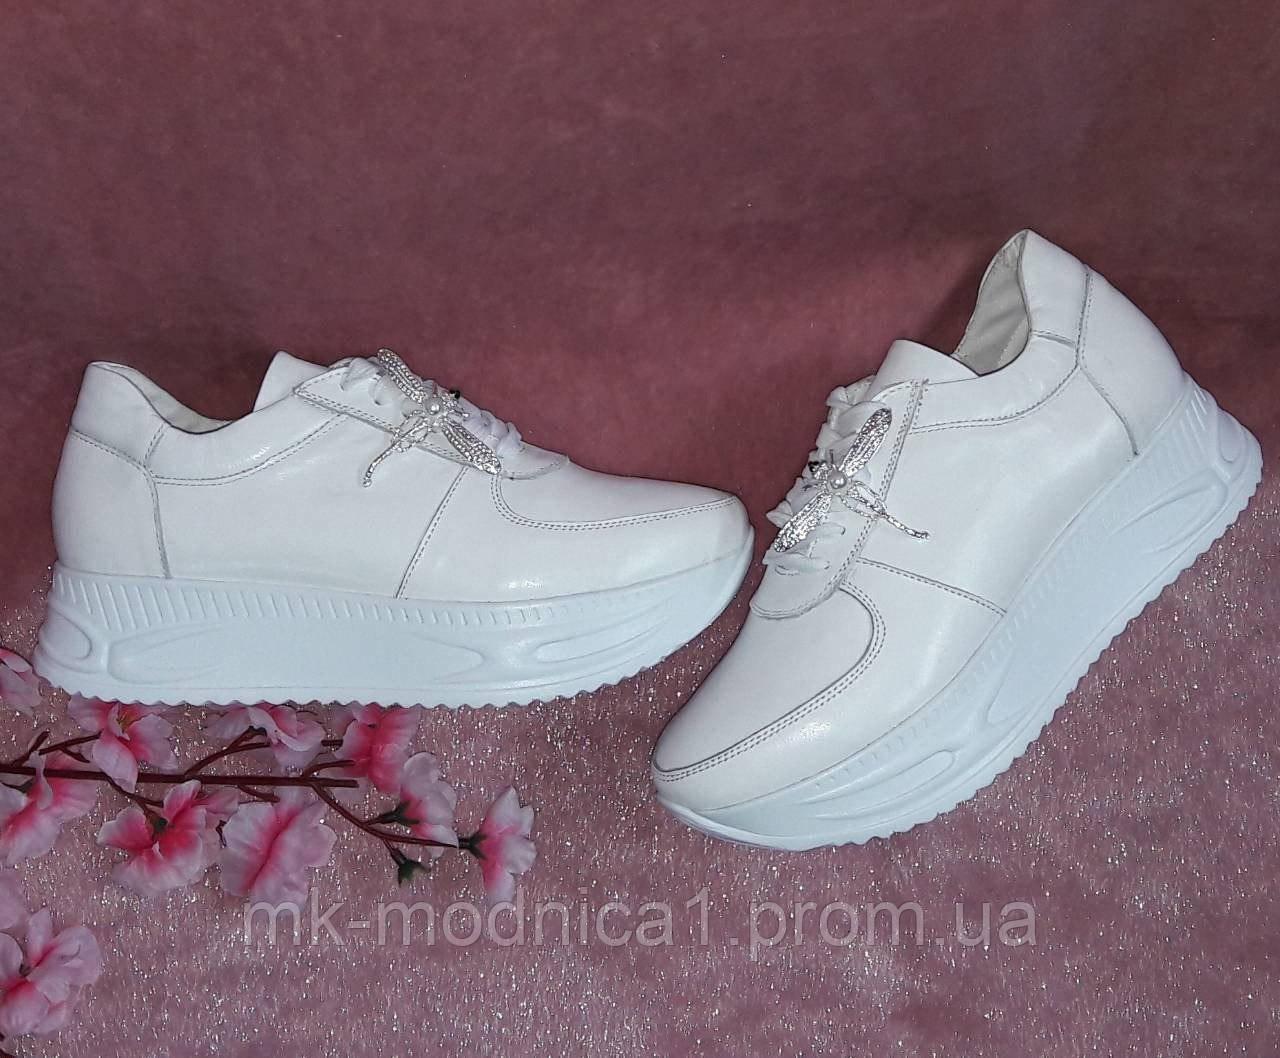 Кроссовки на платформе белые натуральной кожа